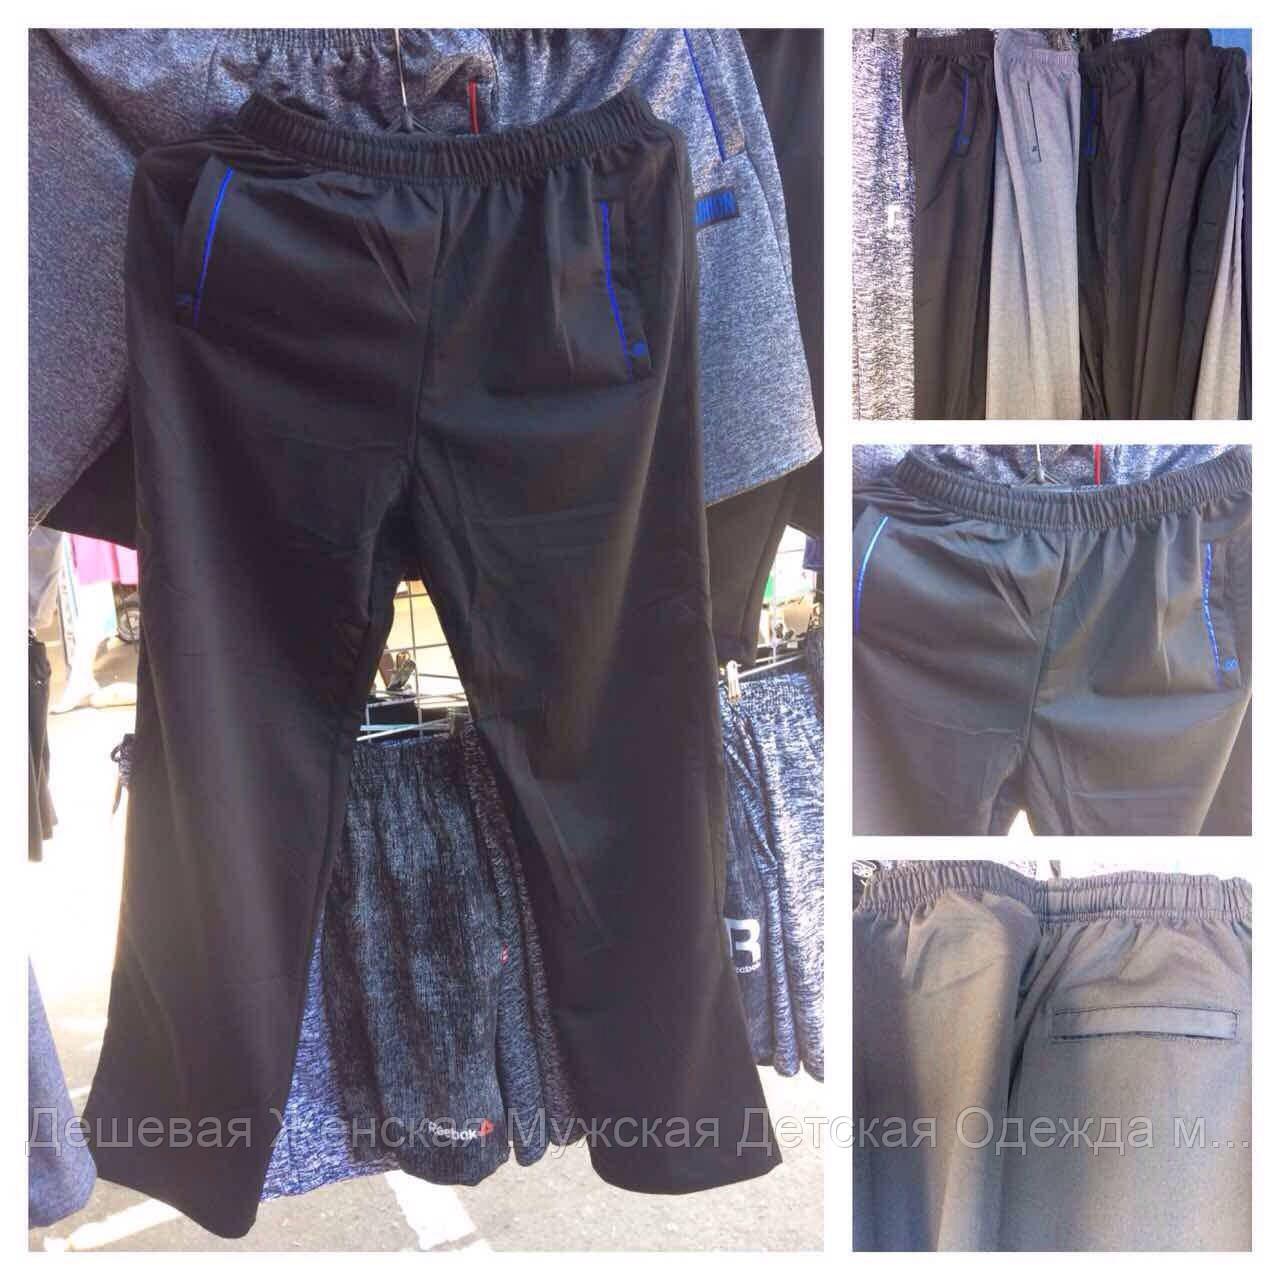 Мужские штаны батальные